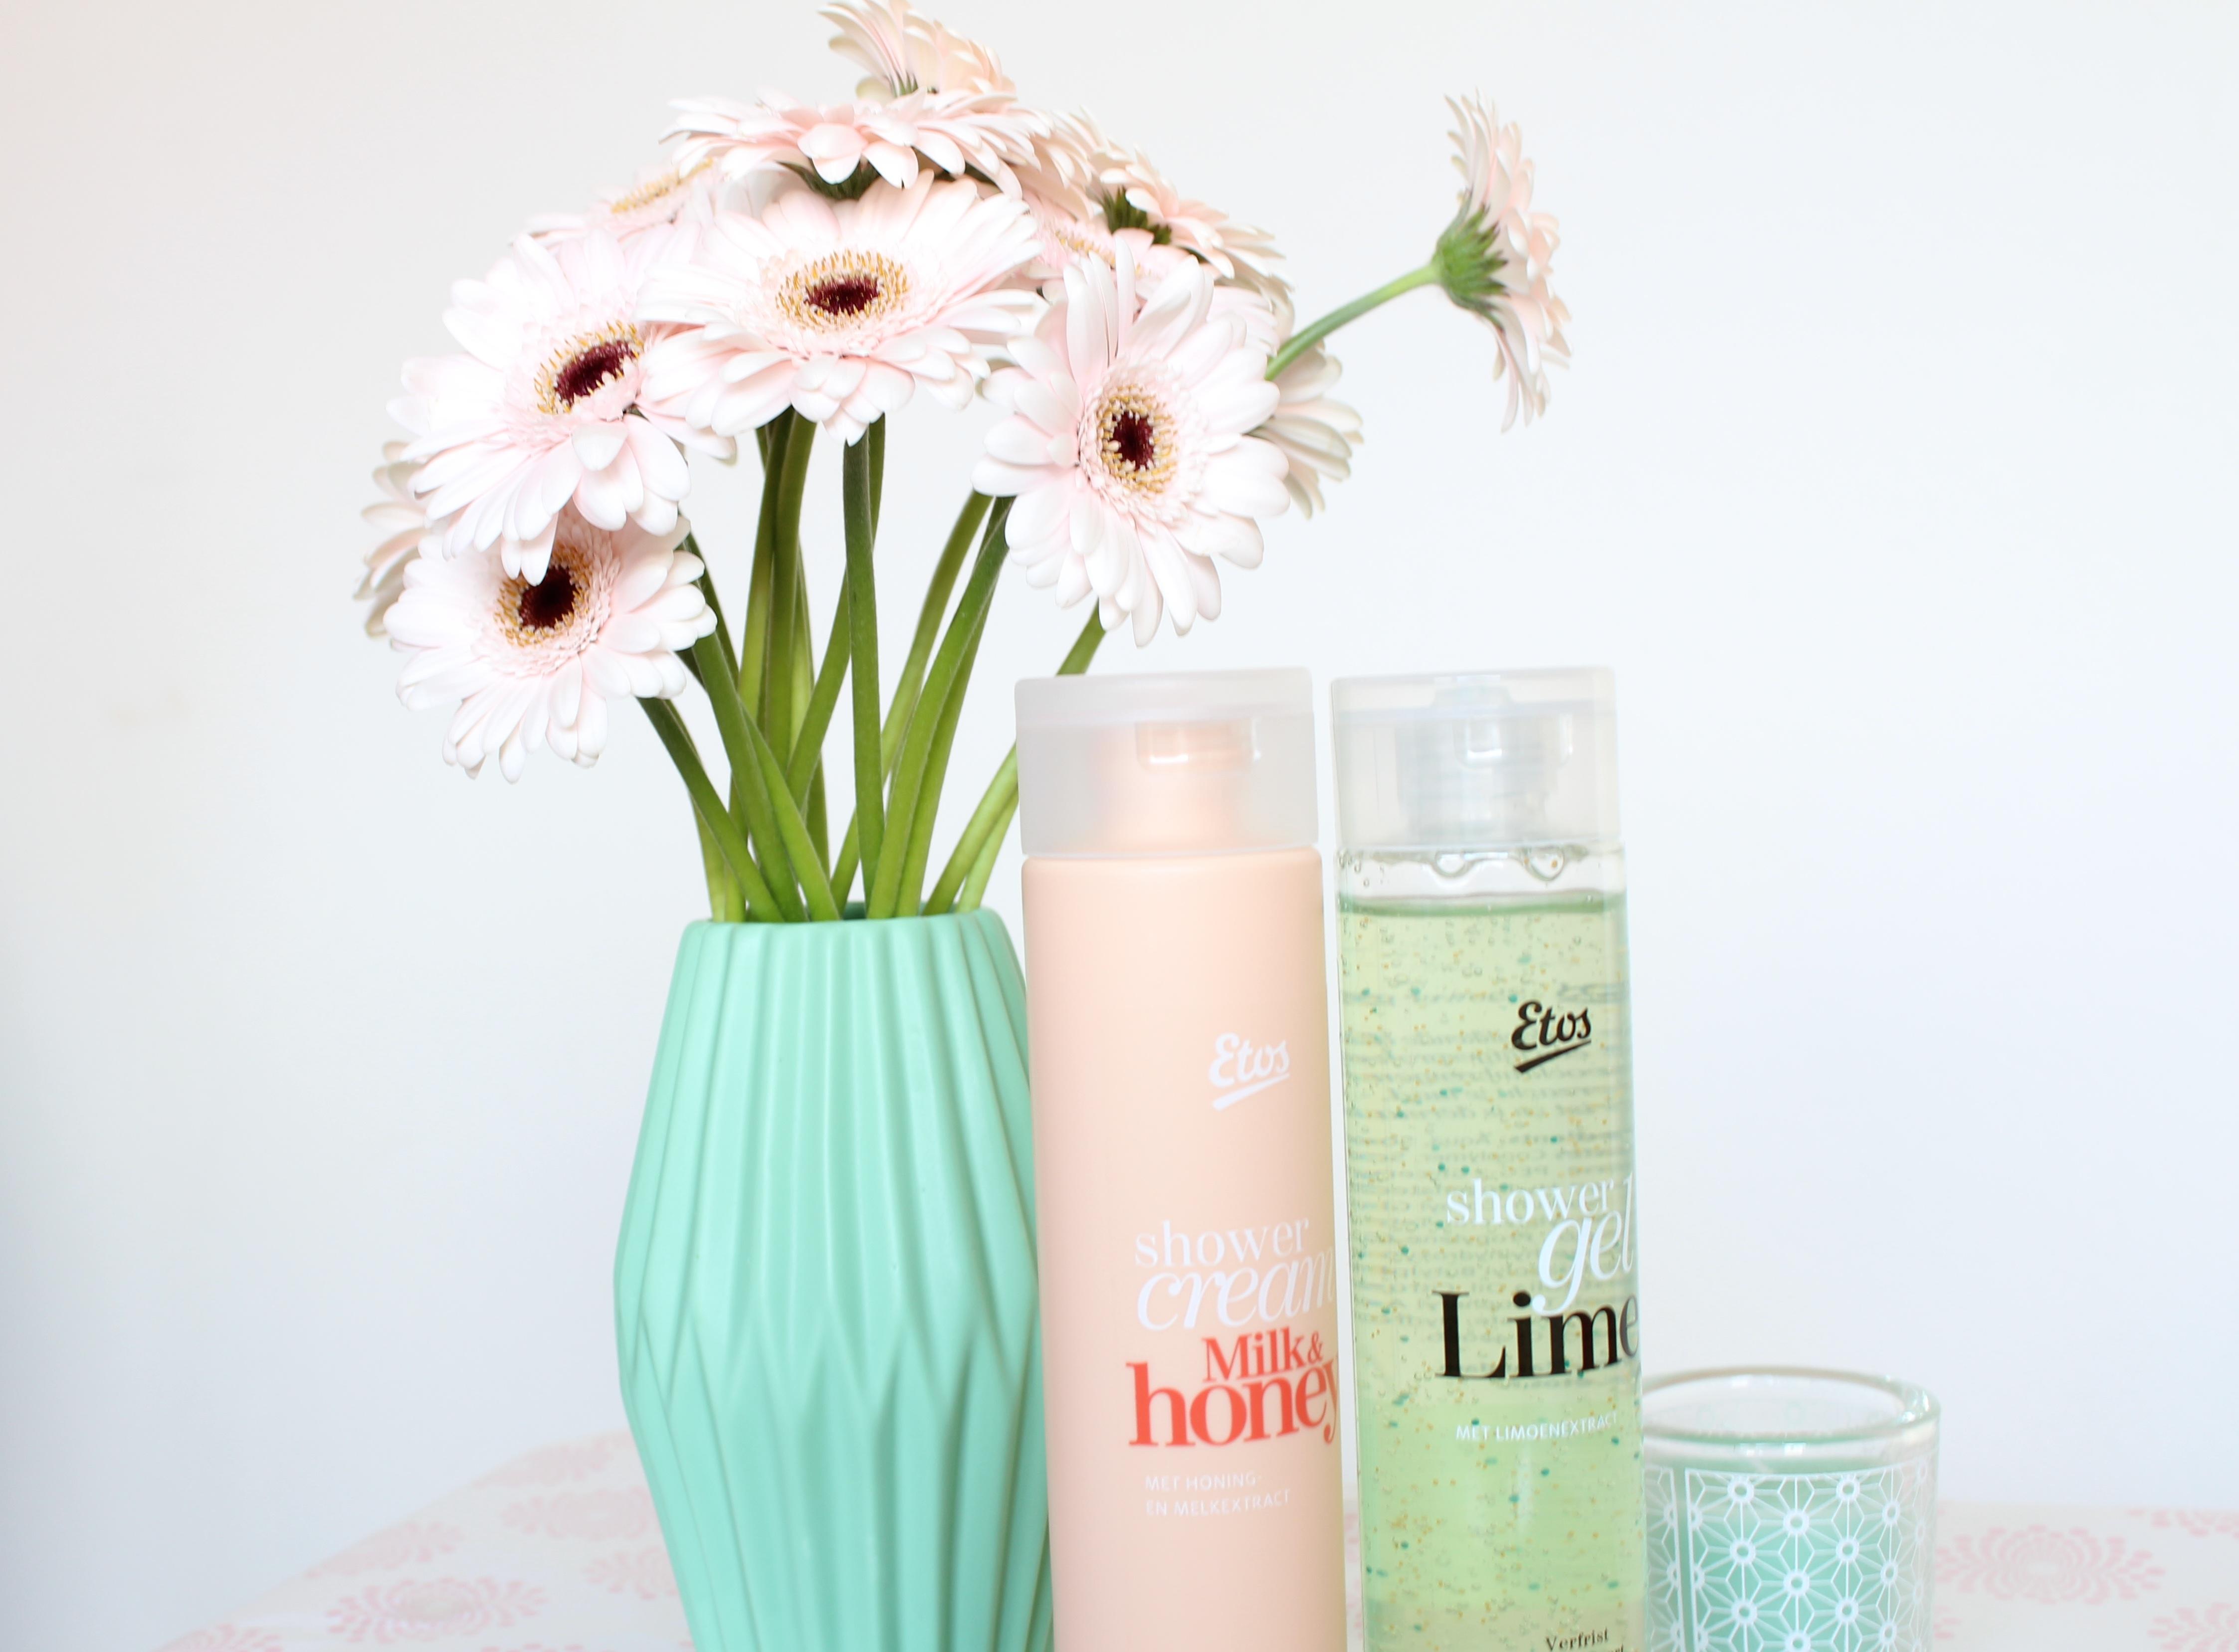 Etos shower cream Milk & Honey en Etos shower gel Lime